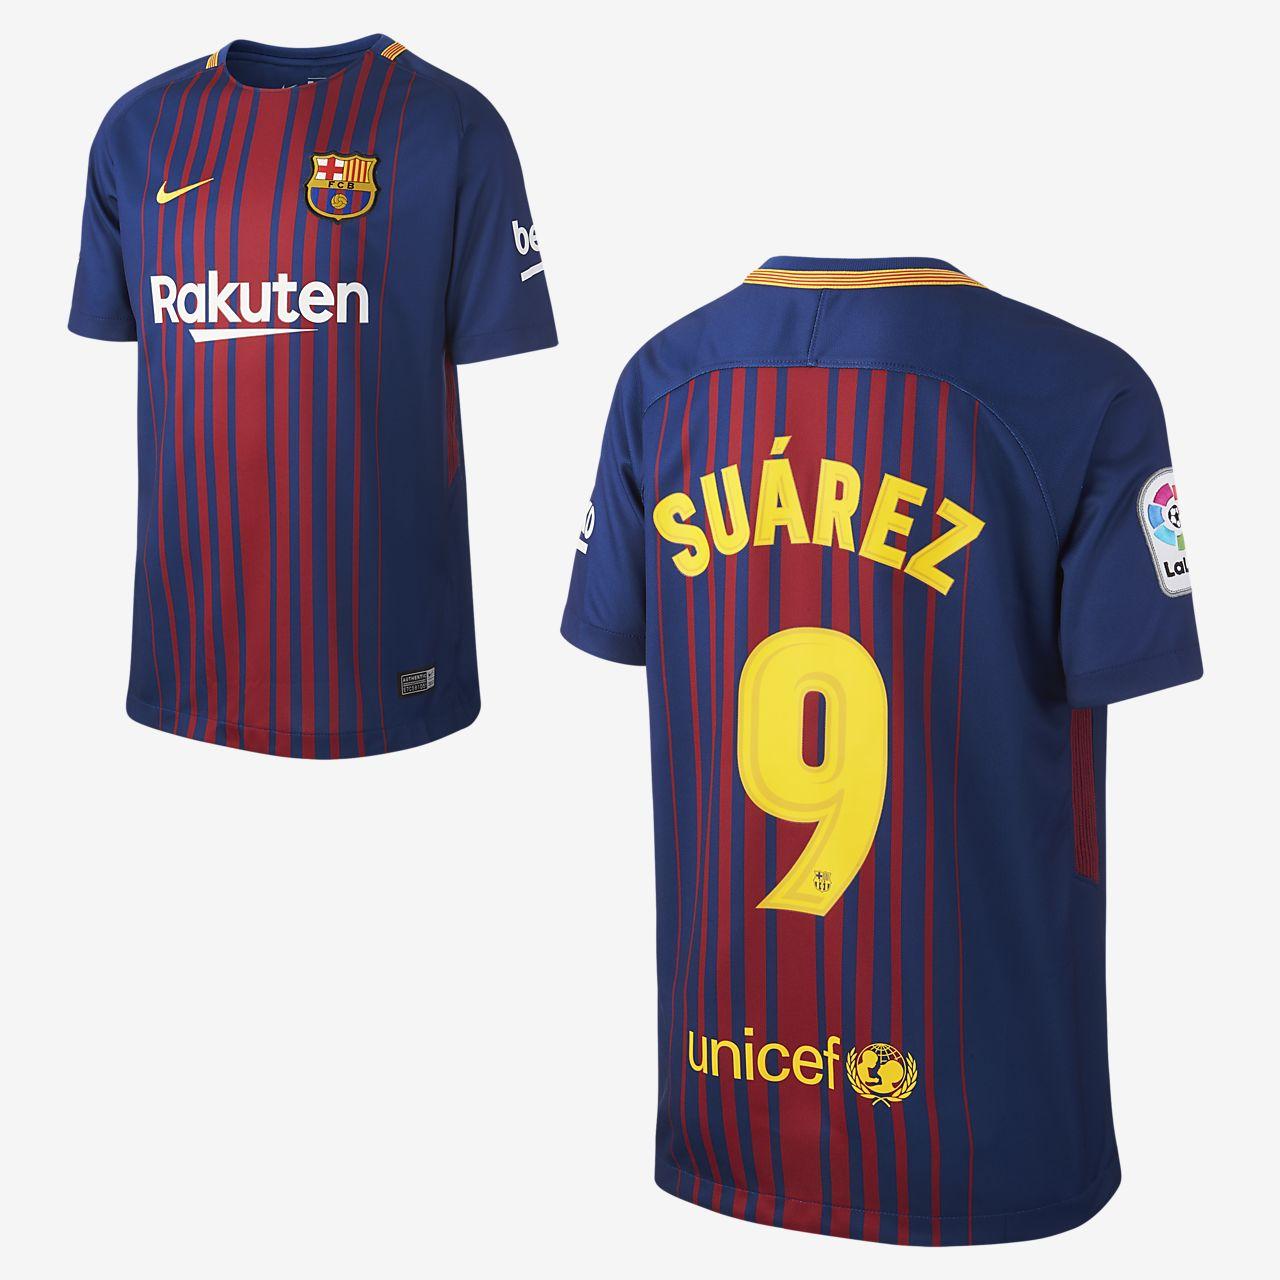 6ba93589eb0a6 2017 18 FC Barcelona Home (Luis Suarez) Camiseta de fútbol - Niño a ...